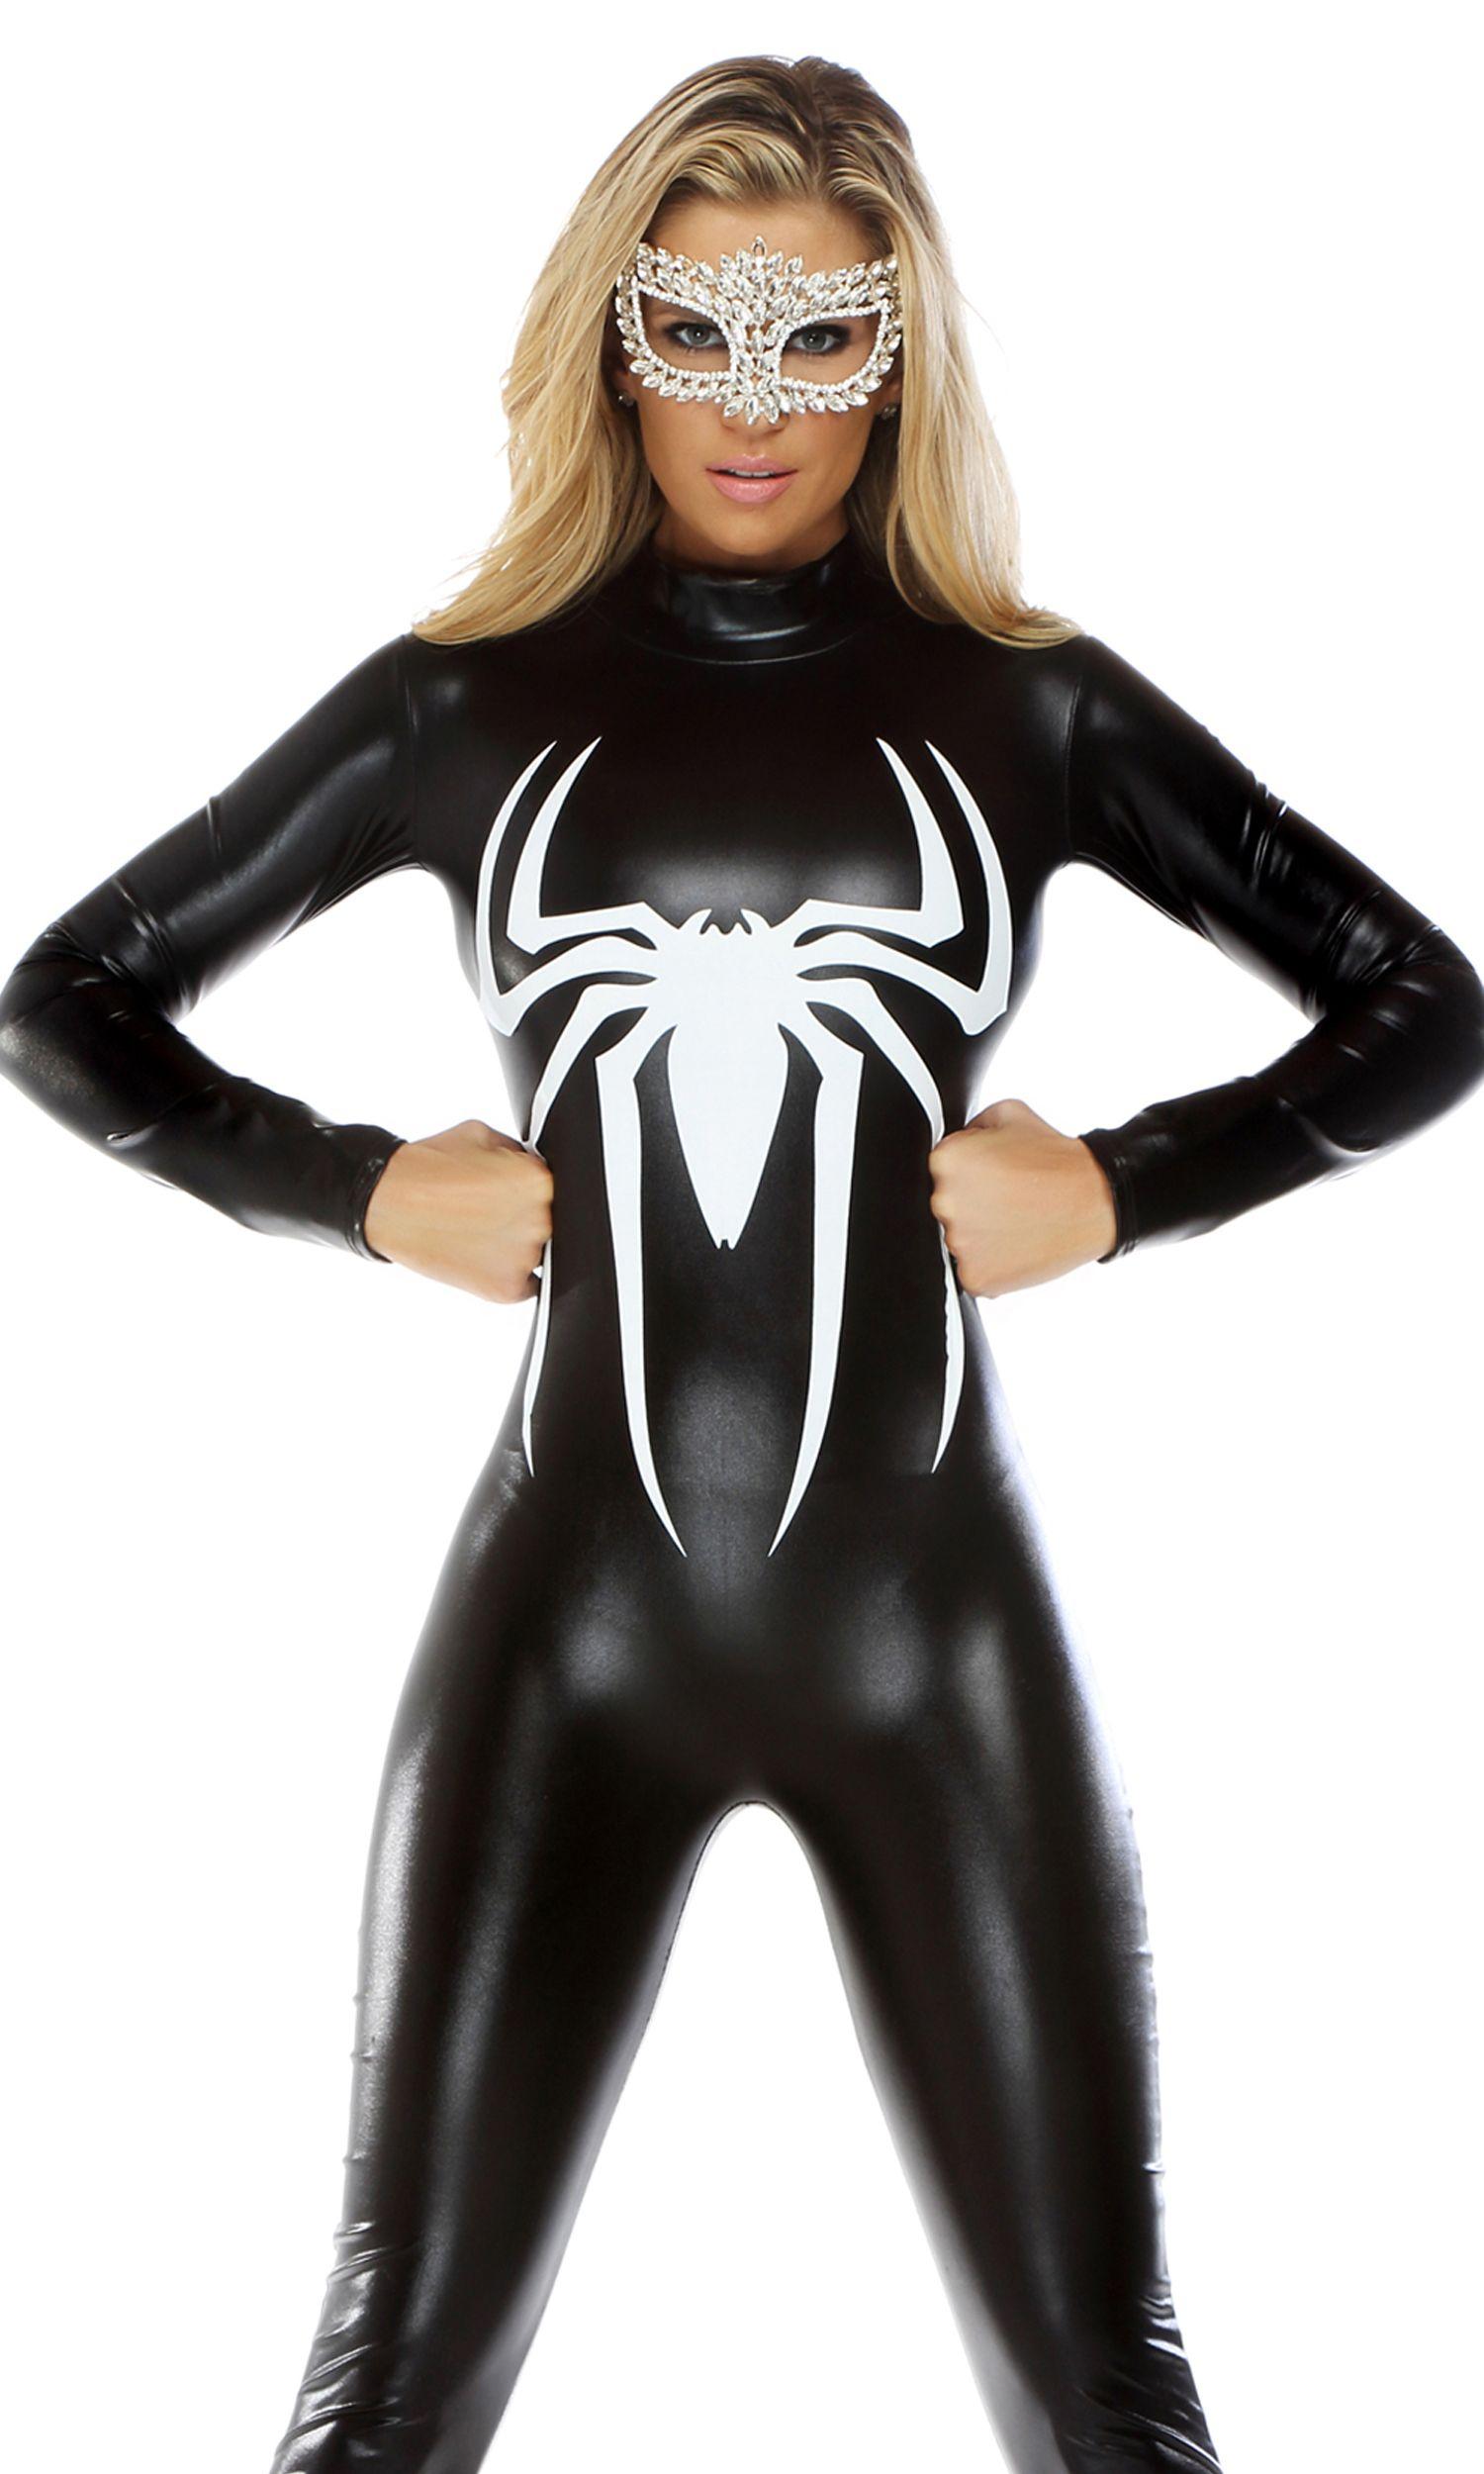 adult costume female hero super